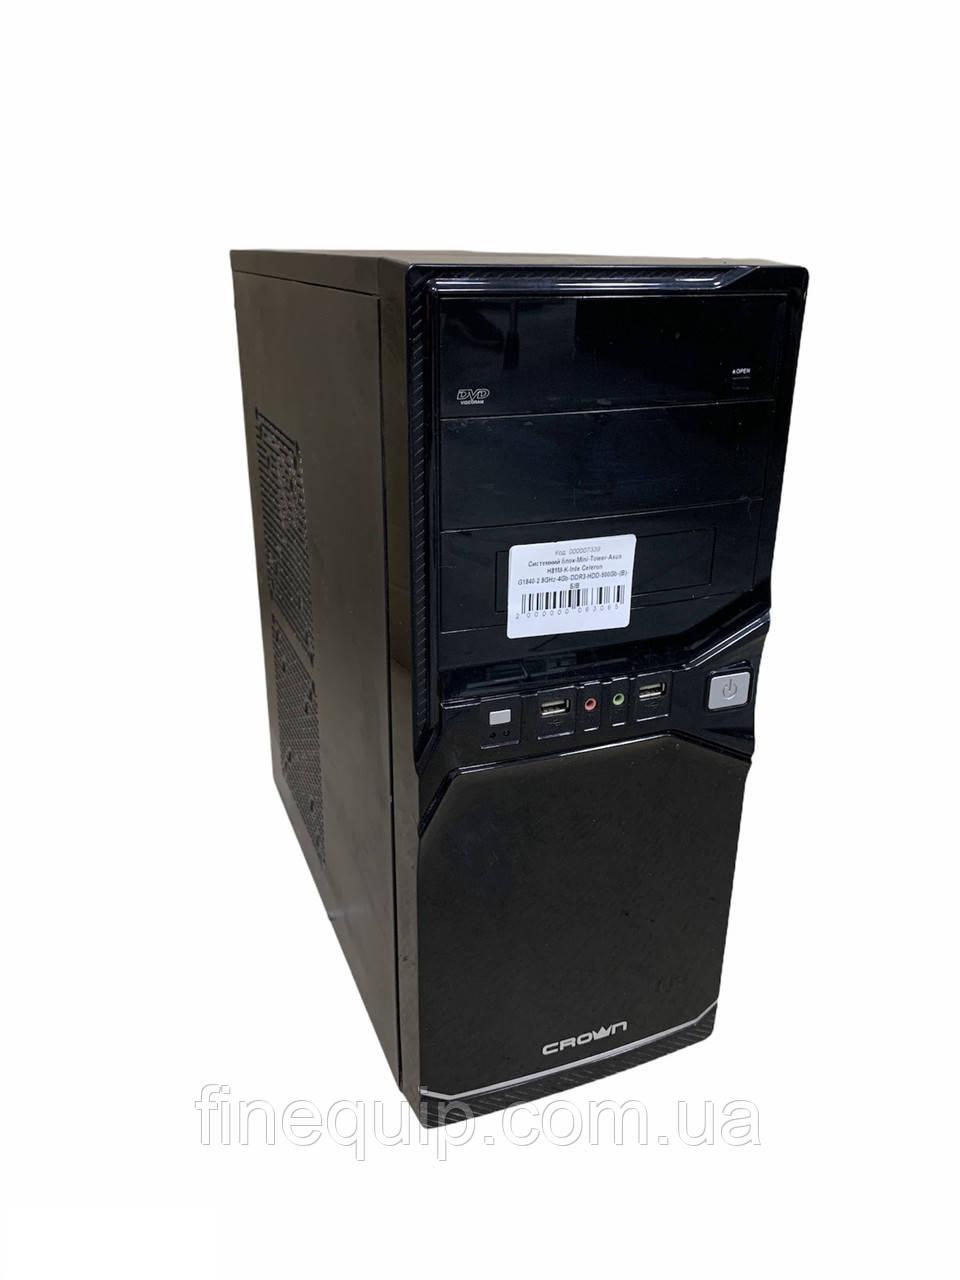 Системний блок-Mini-Tower-Asus H81M-K-Inte Celeron G1840-2.7 GHz-4Gb-DDR3 HDD-500Gb-(B)- Б/У